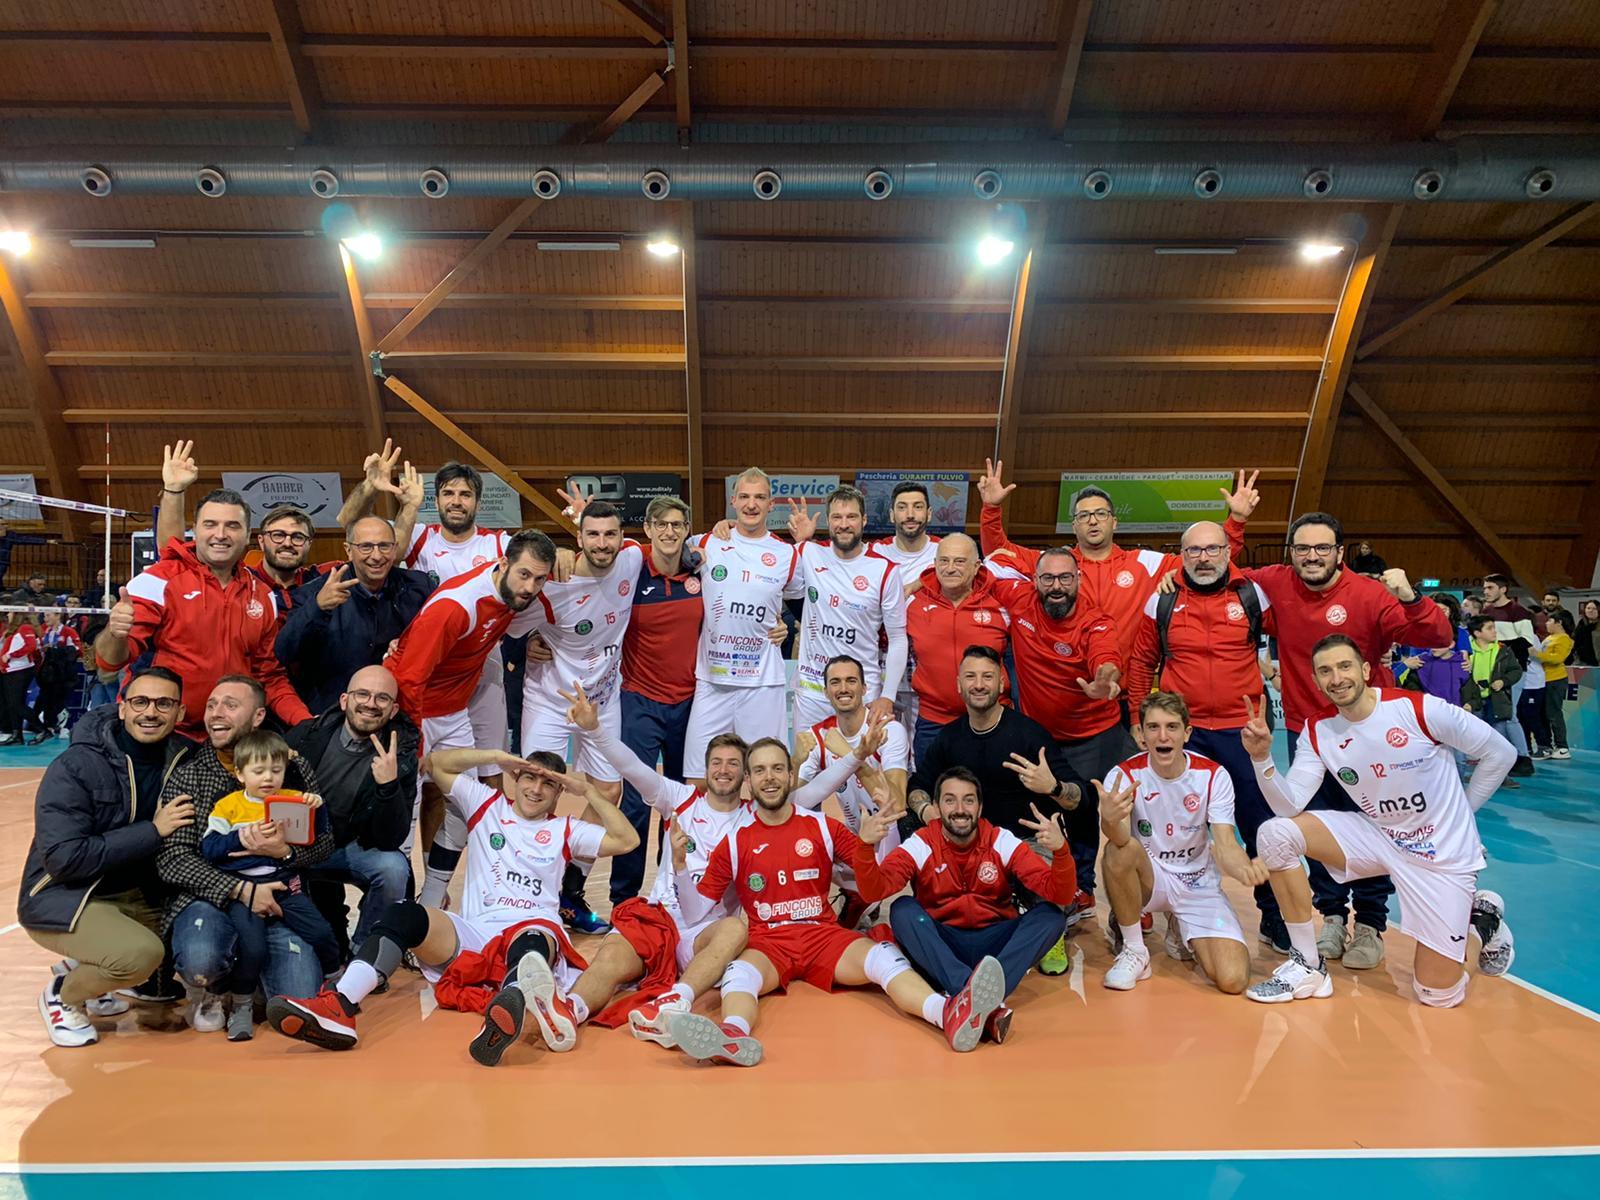 La M2G Group Bari realizza l'impresa a Pineto e si prende la vetta del girone E